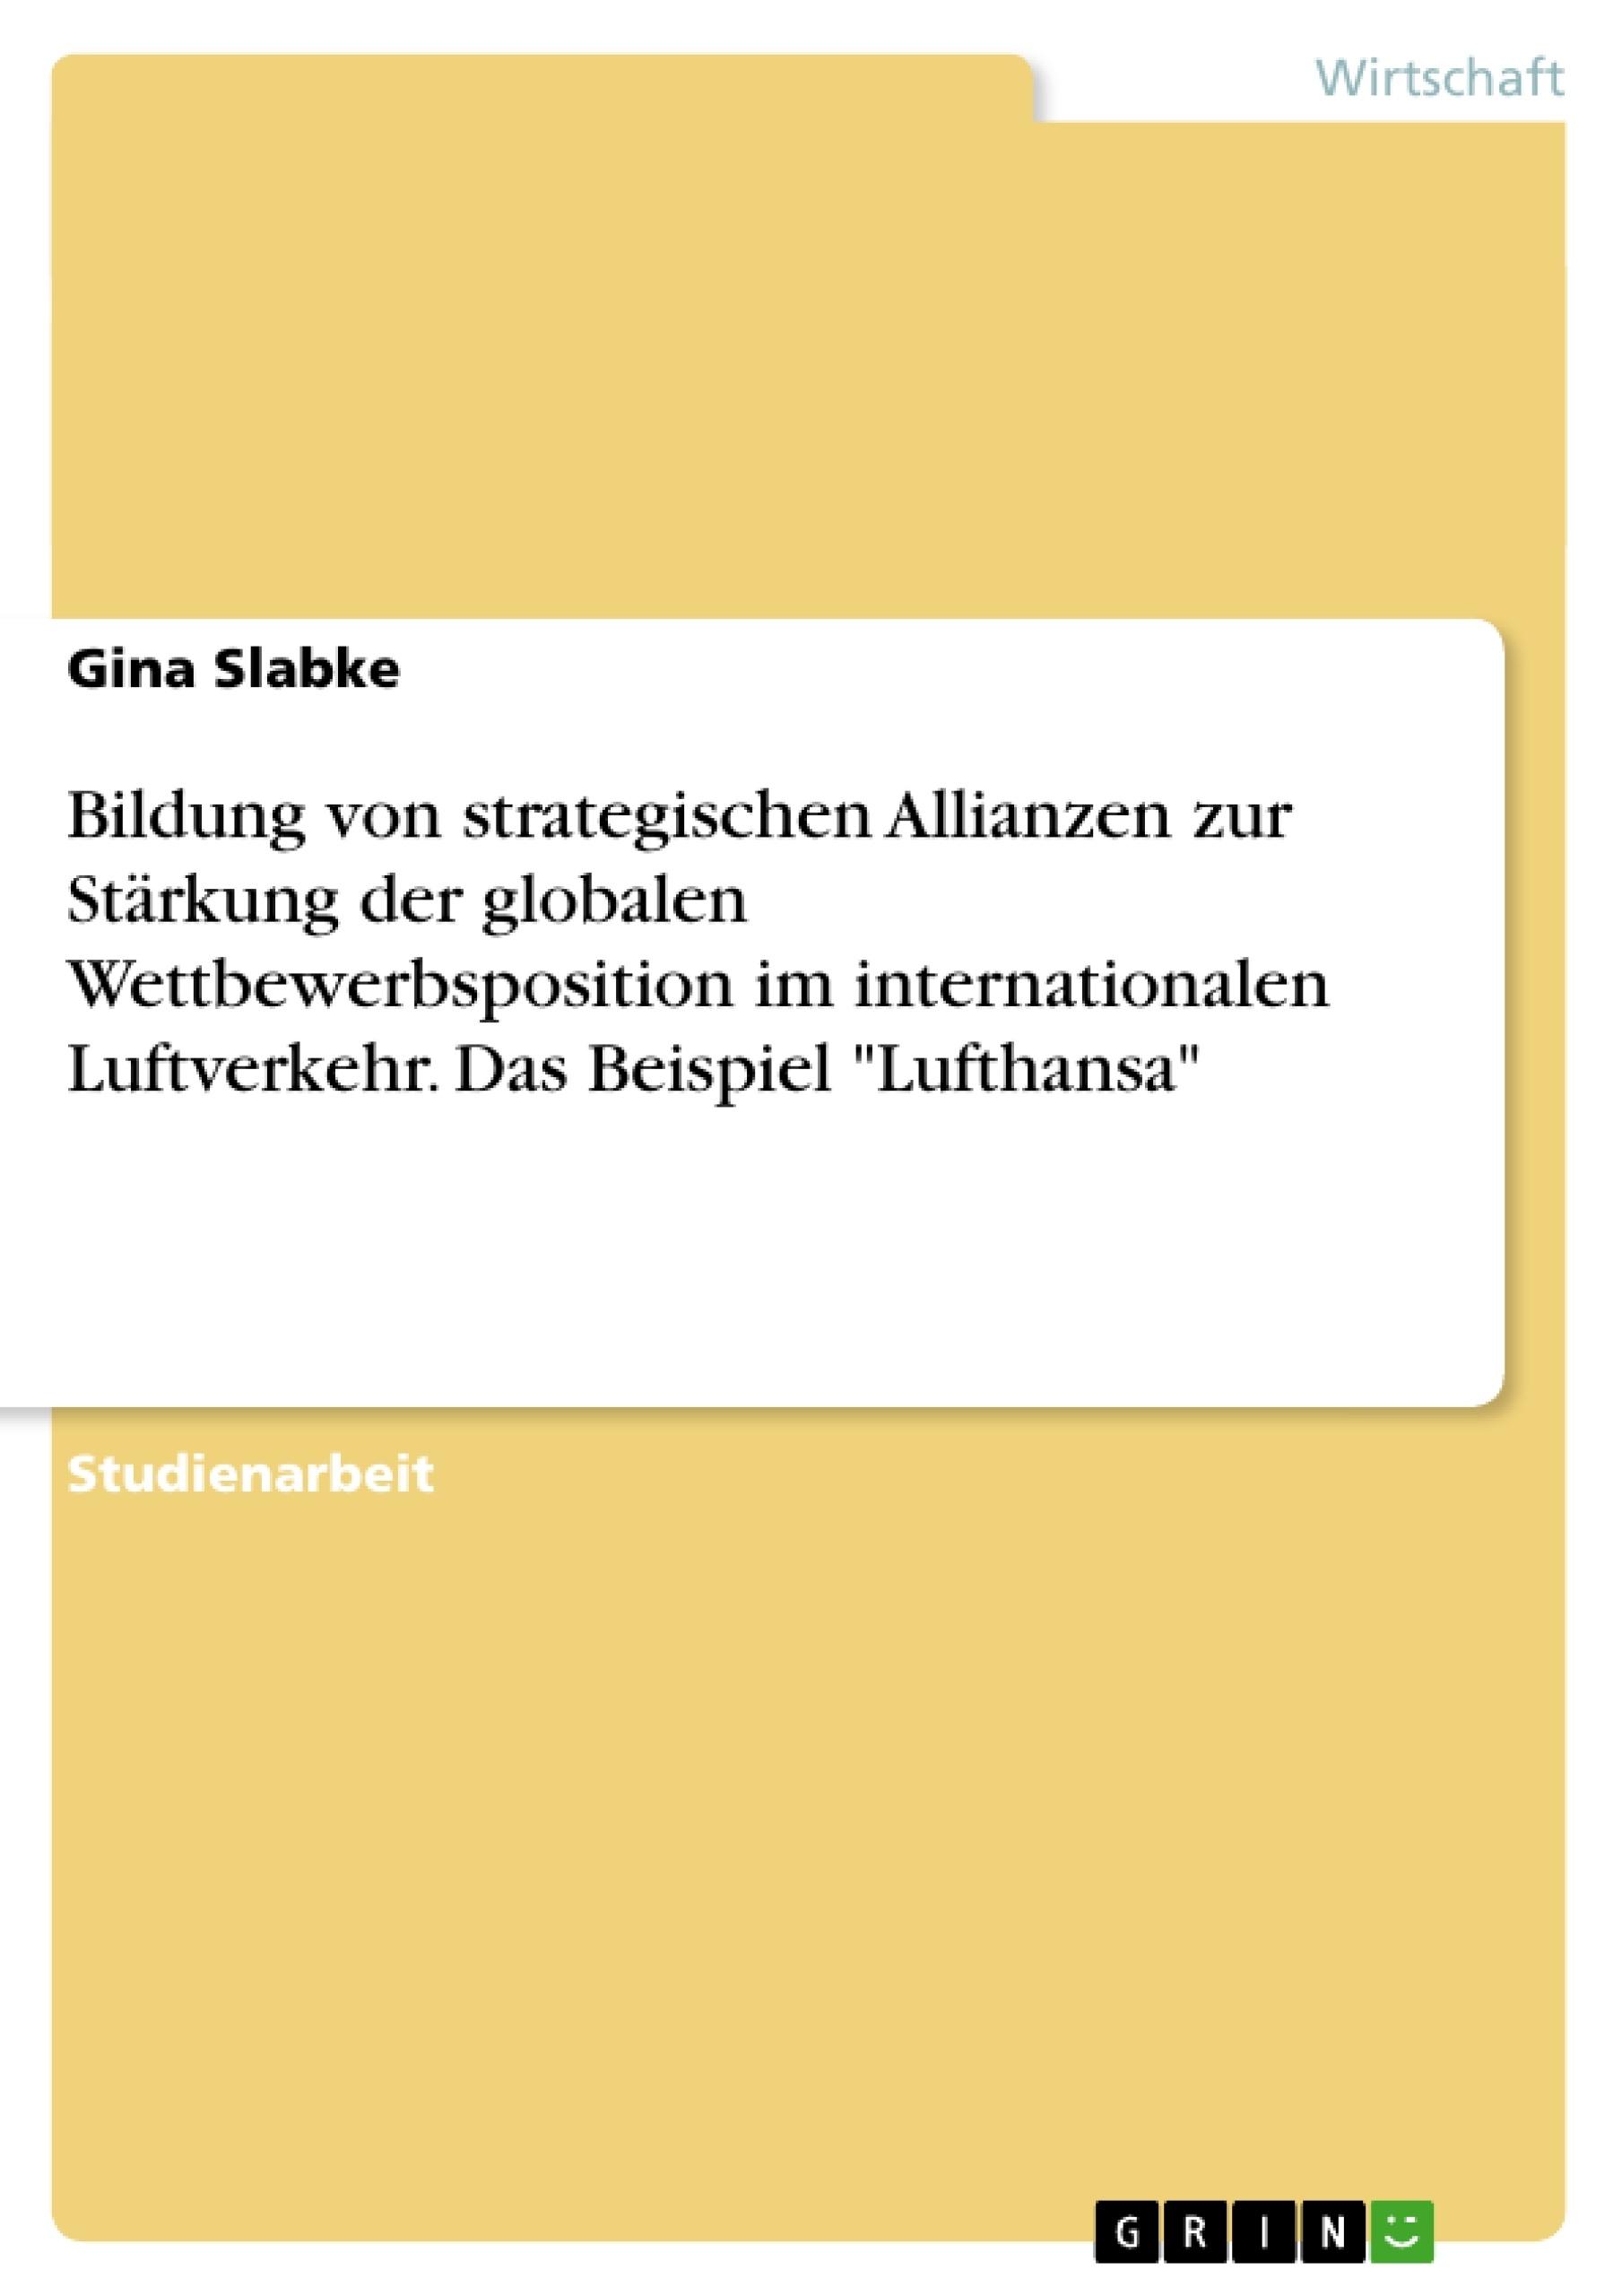 """Titel: Bildung von strategischen Allianzen zur Stärkung der globalen Wettbewerbsposition im internationalen Luftverkehr. Das Beispiel """"Lufthansa"""""""